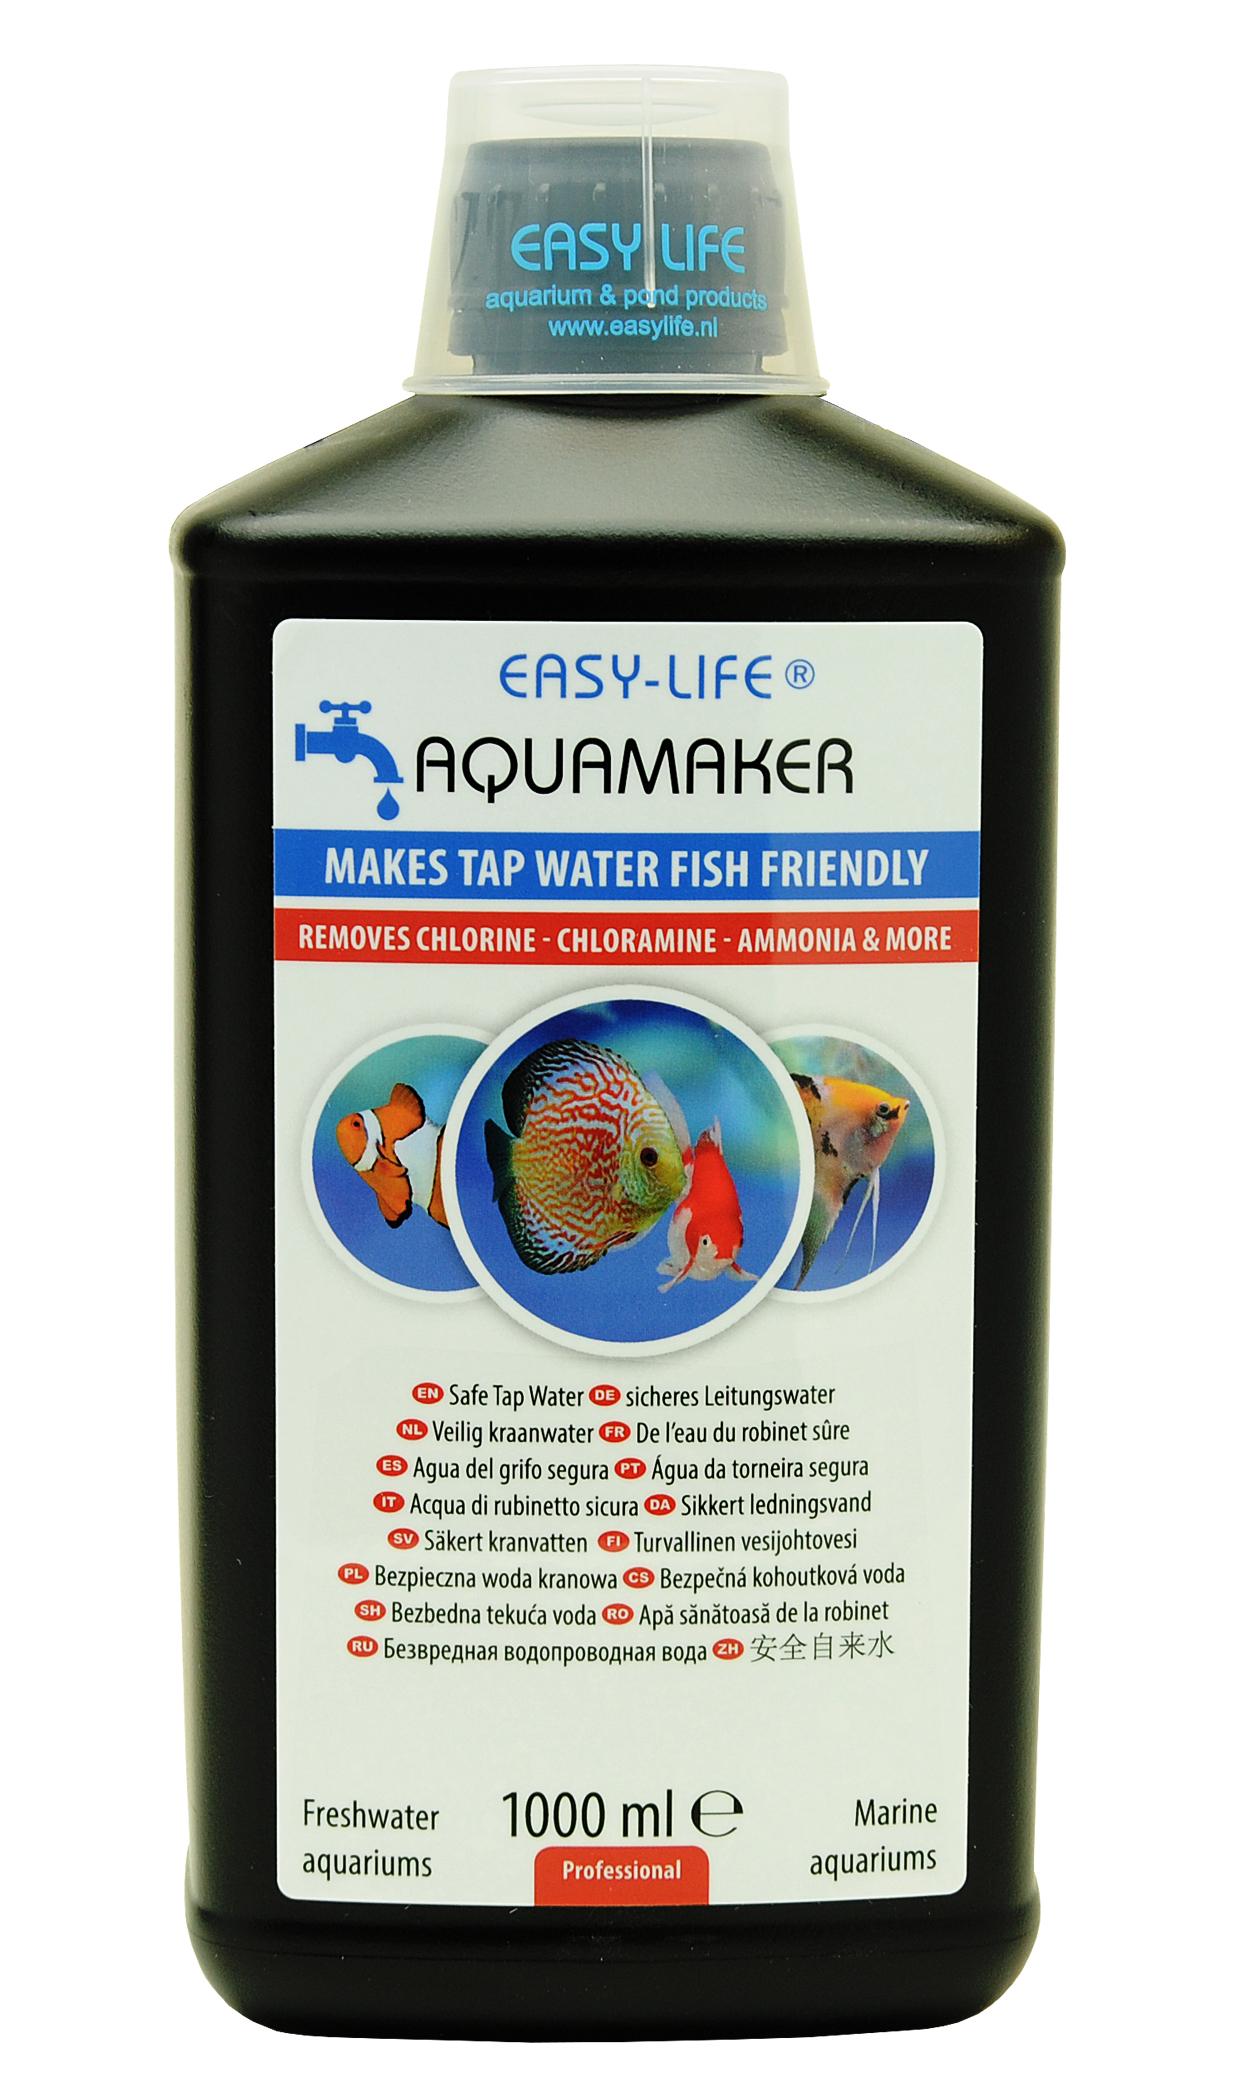 EASY-LIFE AquaMaker 1000 ml puissant conditionneur d\'eau à action rapide pour aquarium. Traite jusqu\'à 5000L